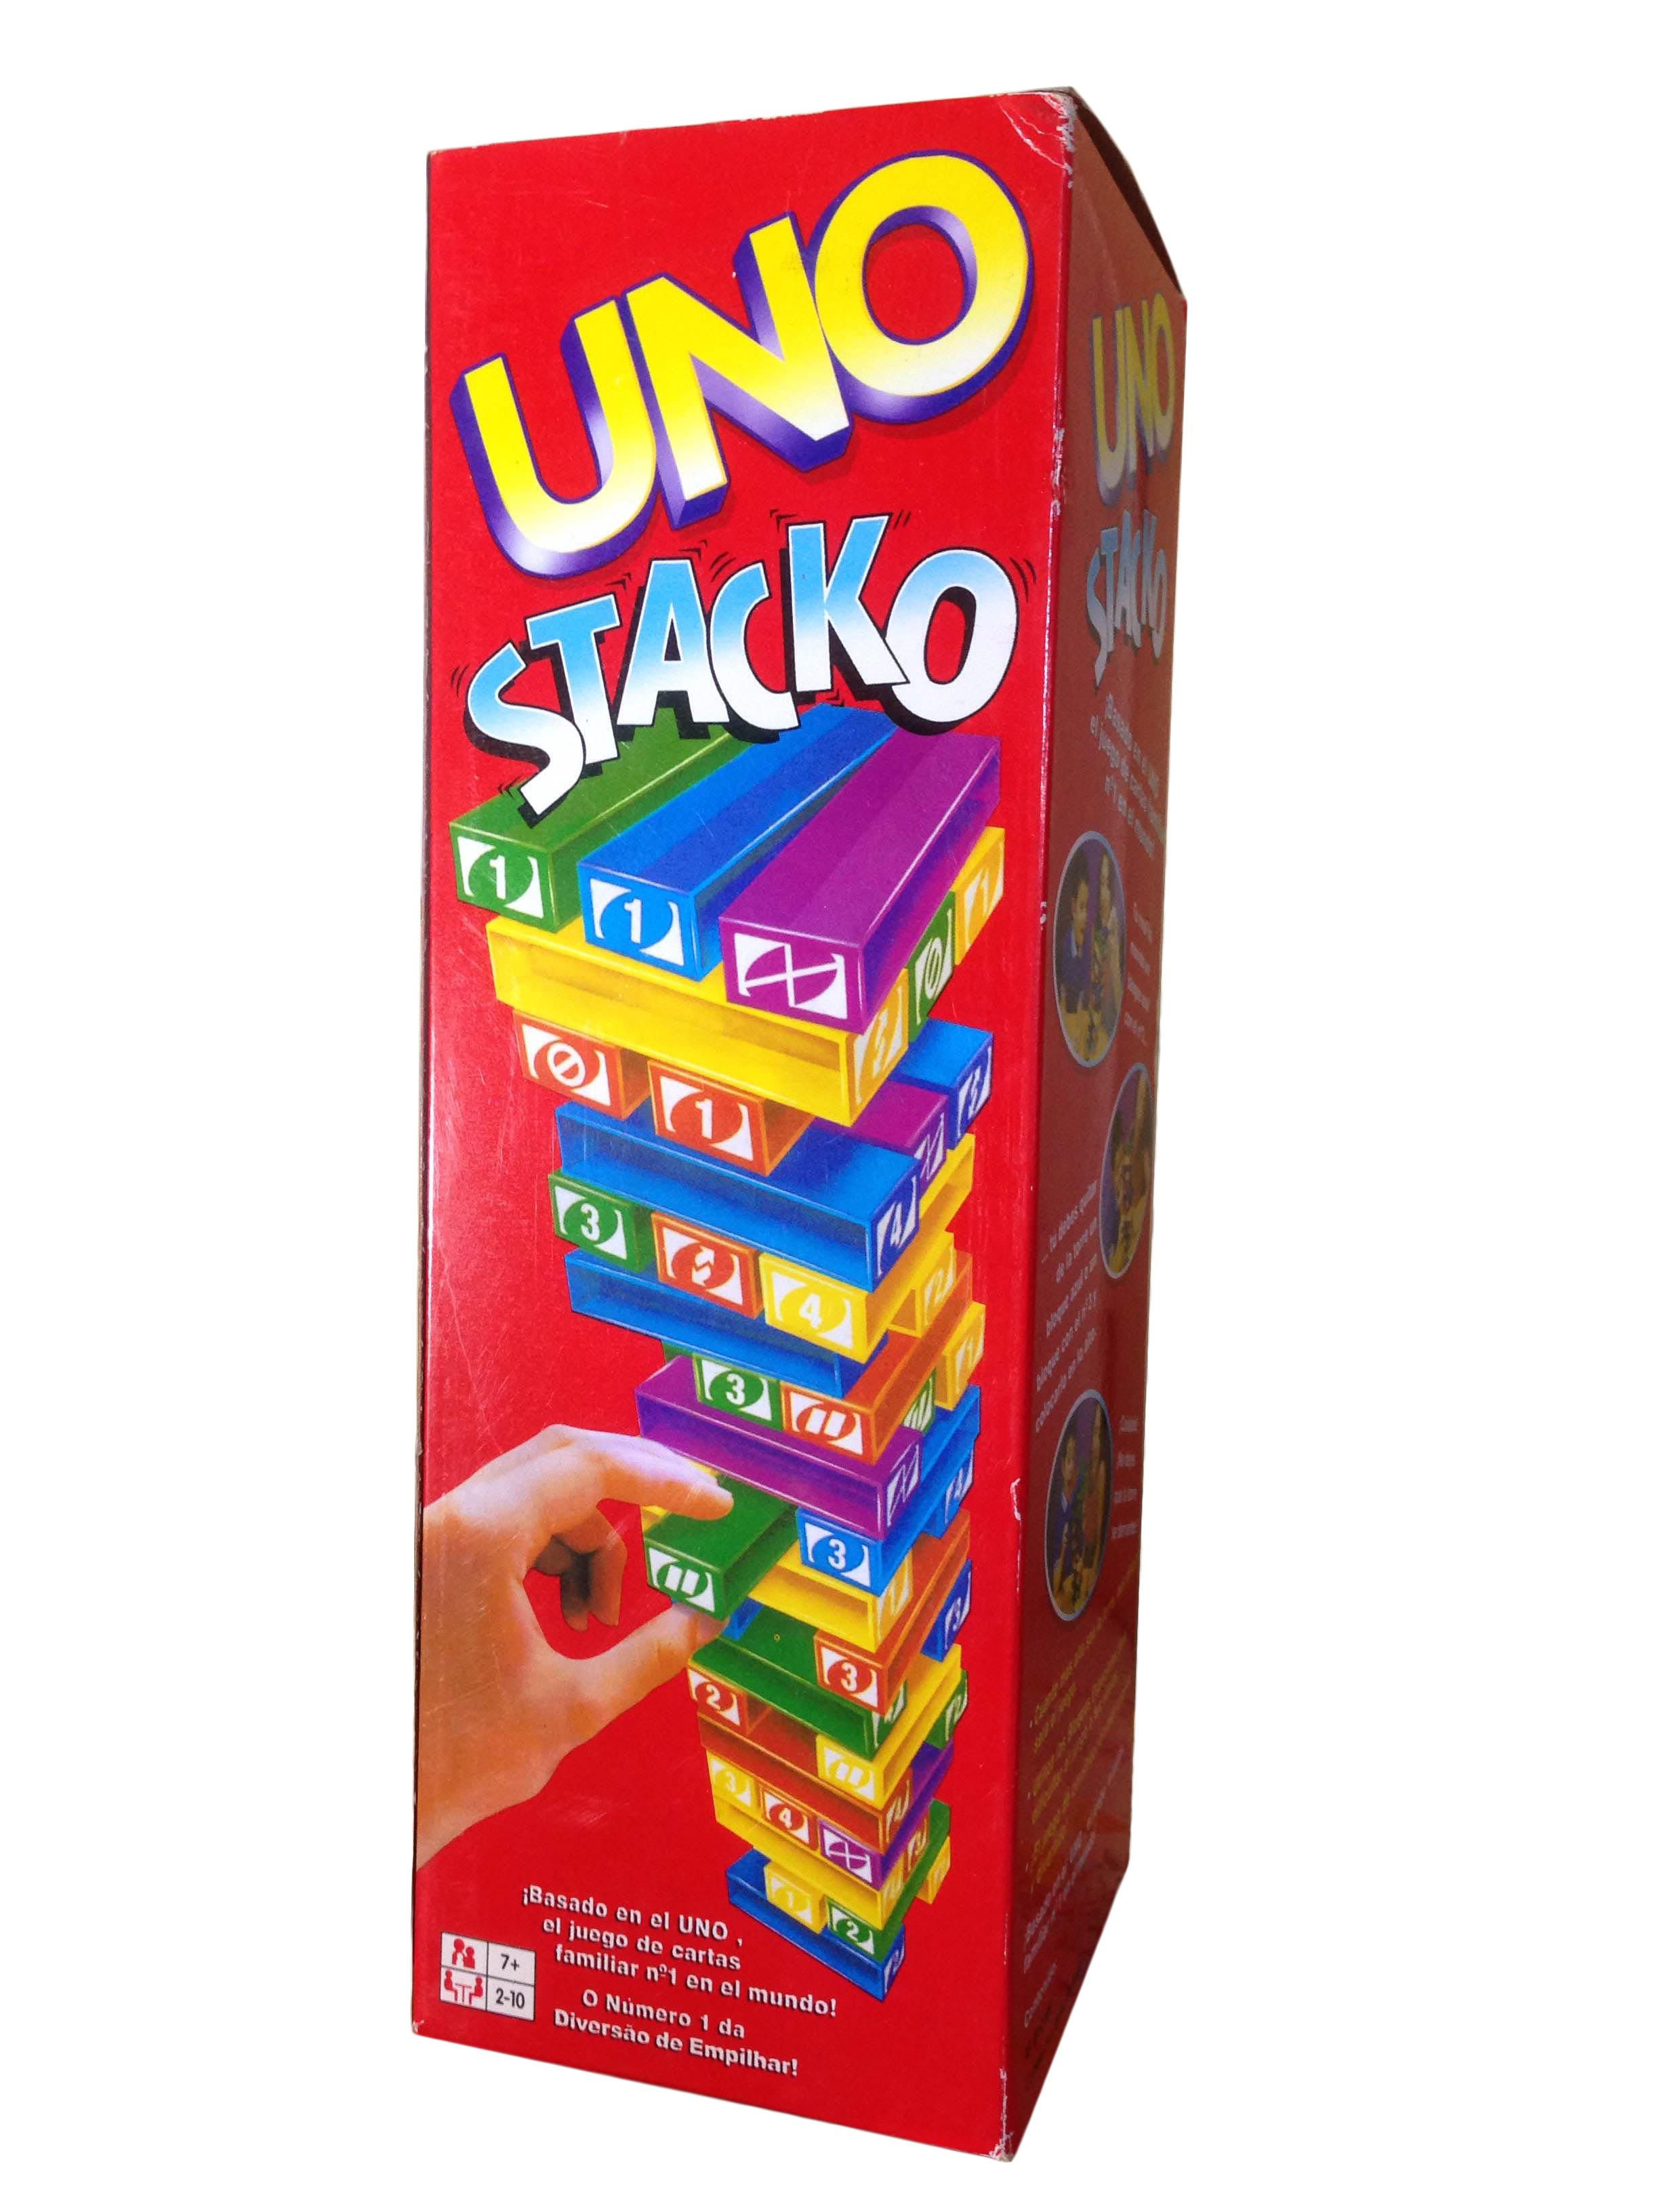 เกมตึกถล่มUno Stack